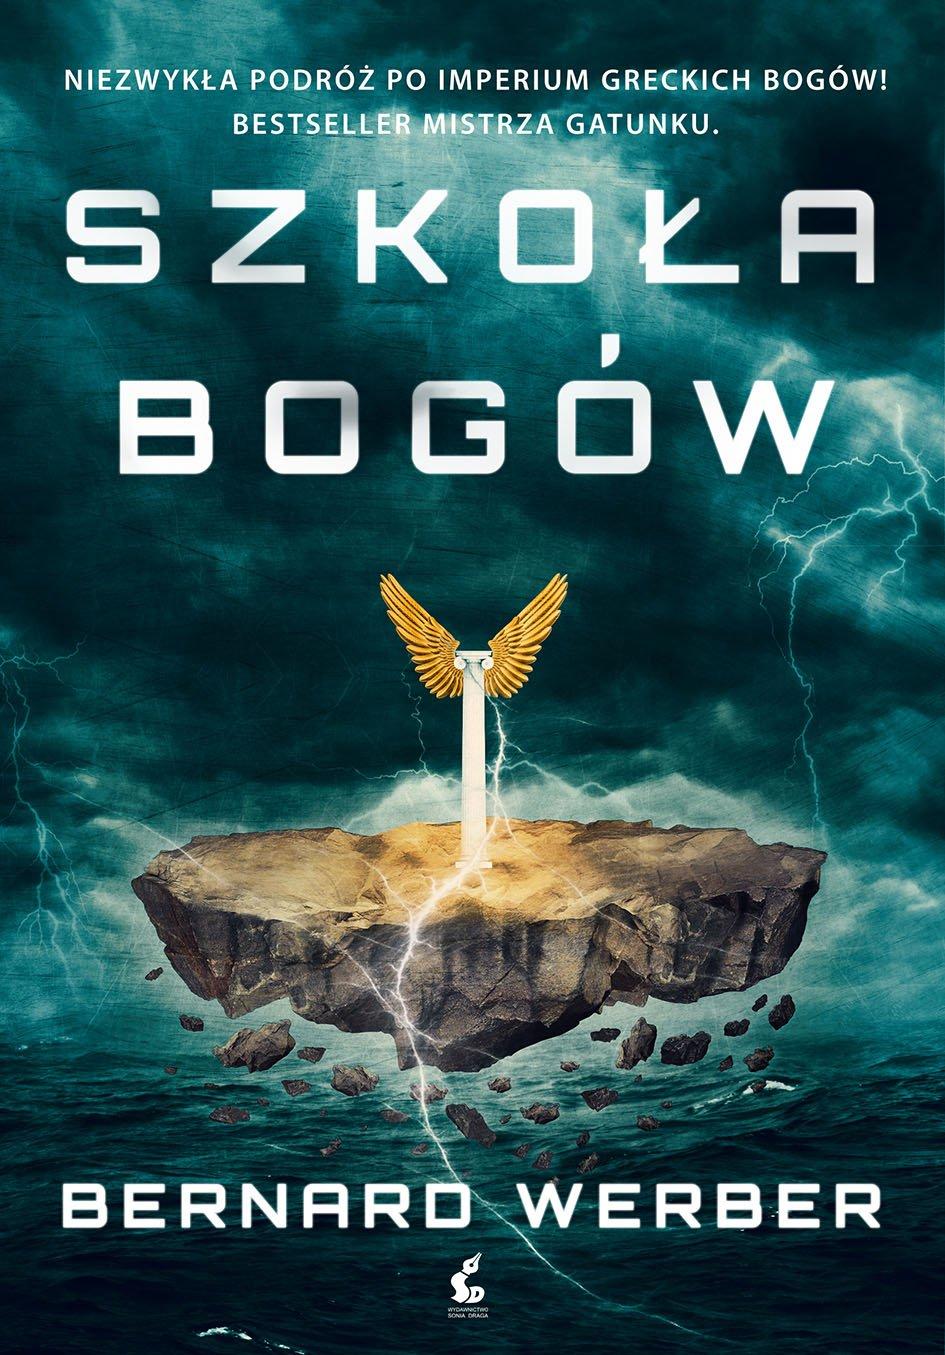 Szkoła bogów - Ebook (Książka EPUB) do pobrania w formacie EPUB